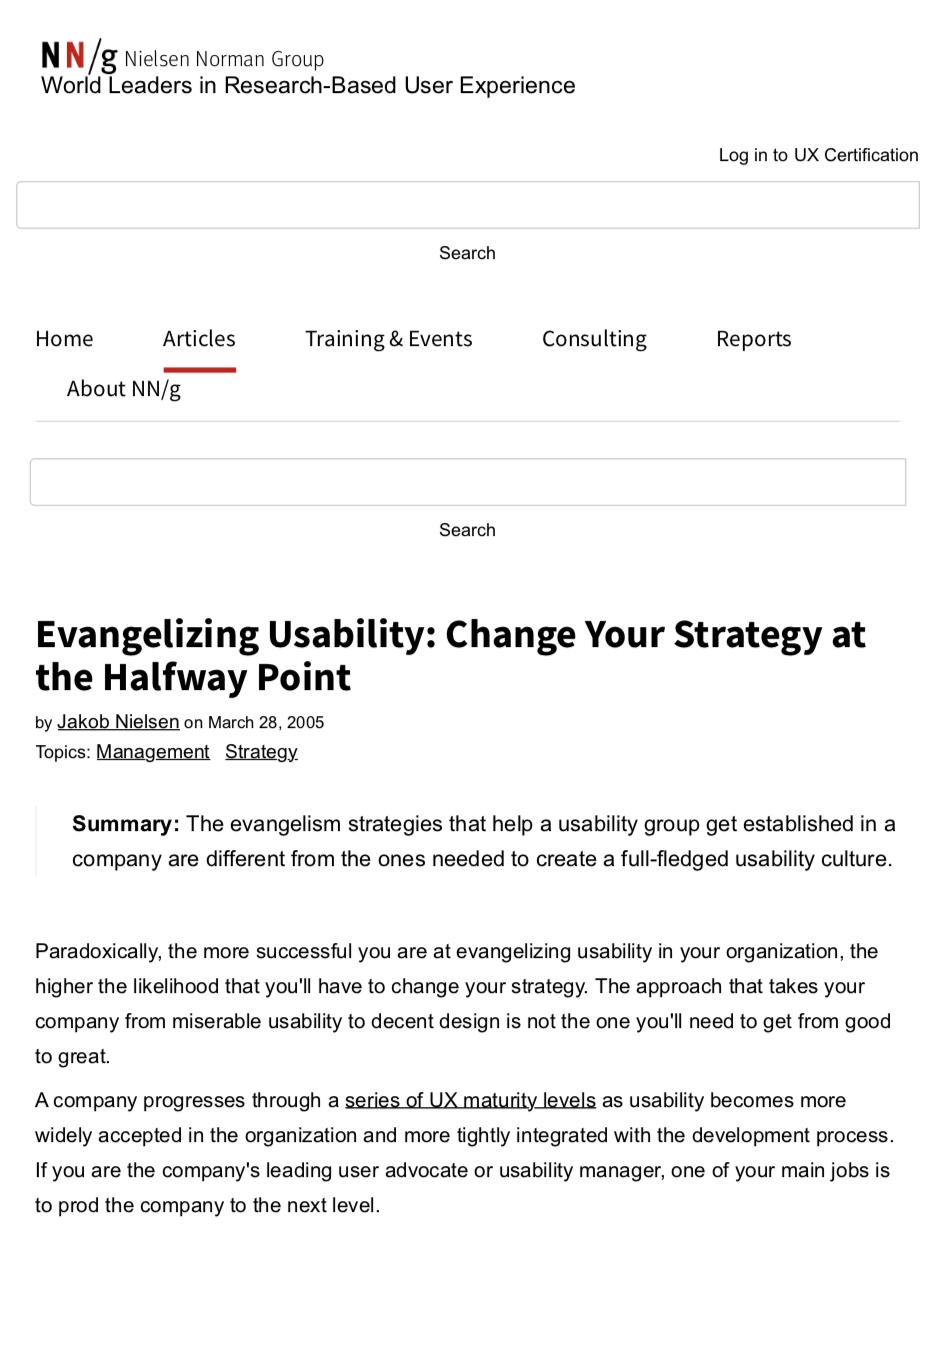 Evangelizing usability -